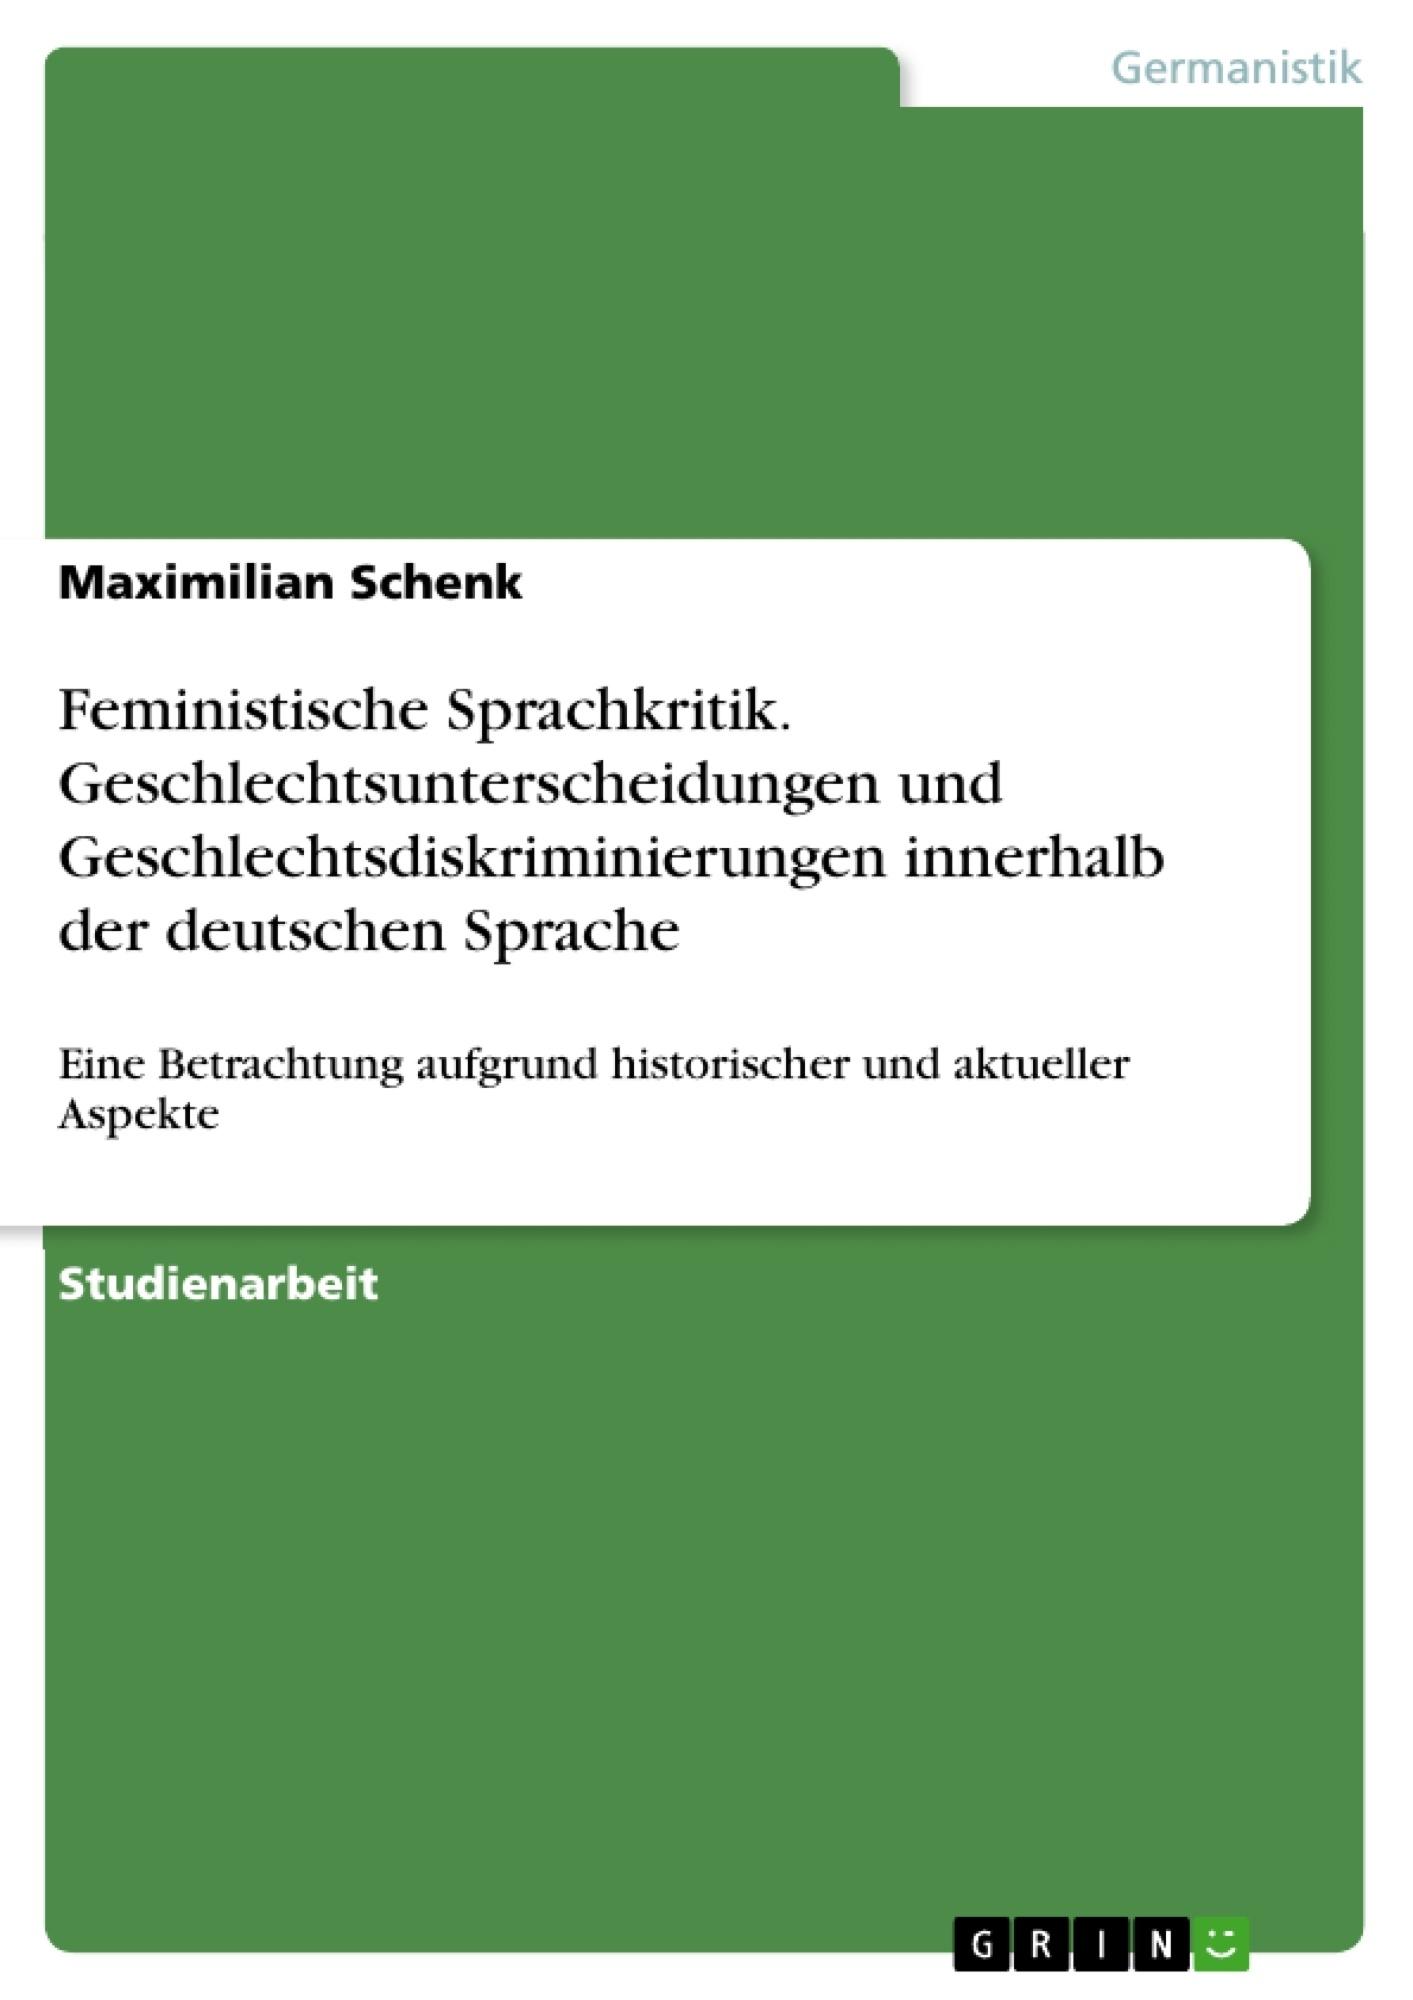 Titel: Feministische Sprachkritik. Geschlechtsunterscheidungen und Geschlechtsdiskriminierungen innerhalb der deutschen Sprache